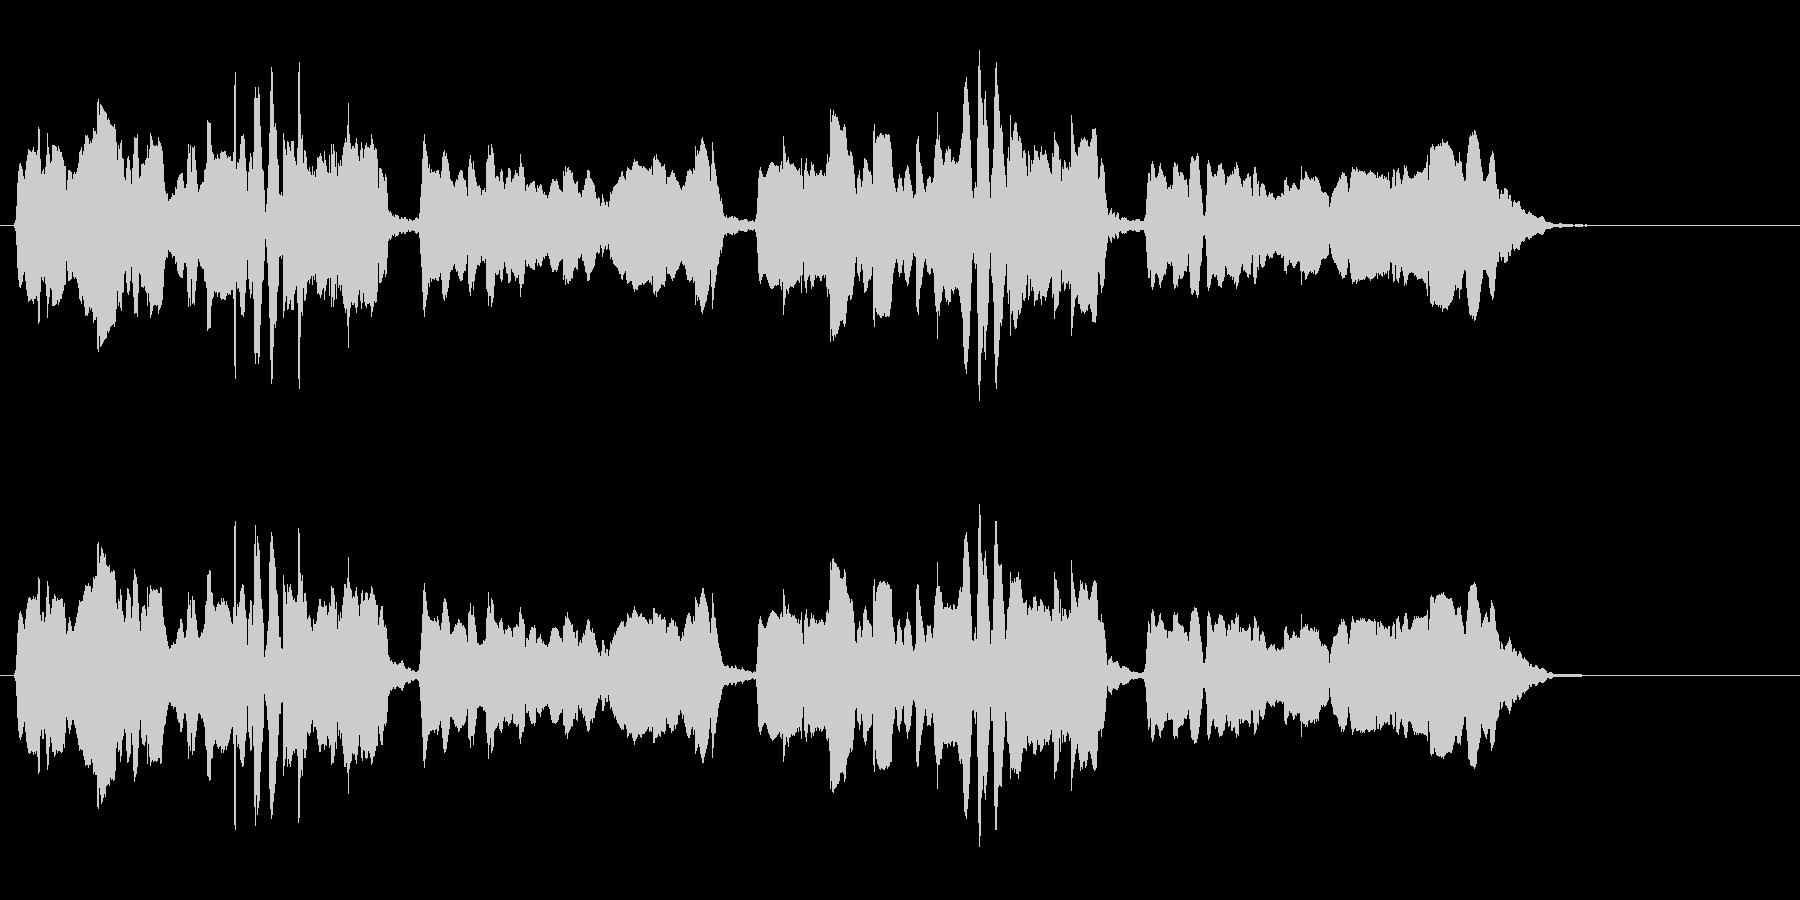 尺八 生演奏 古典風 残響音有 9の未再生の波形